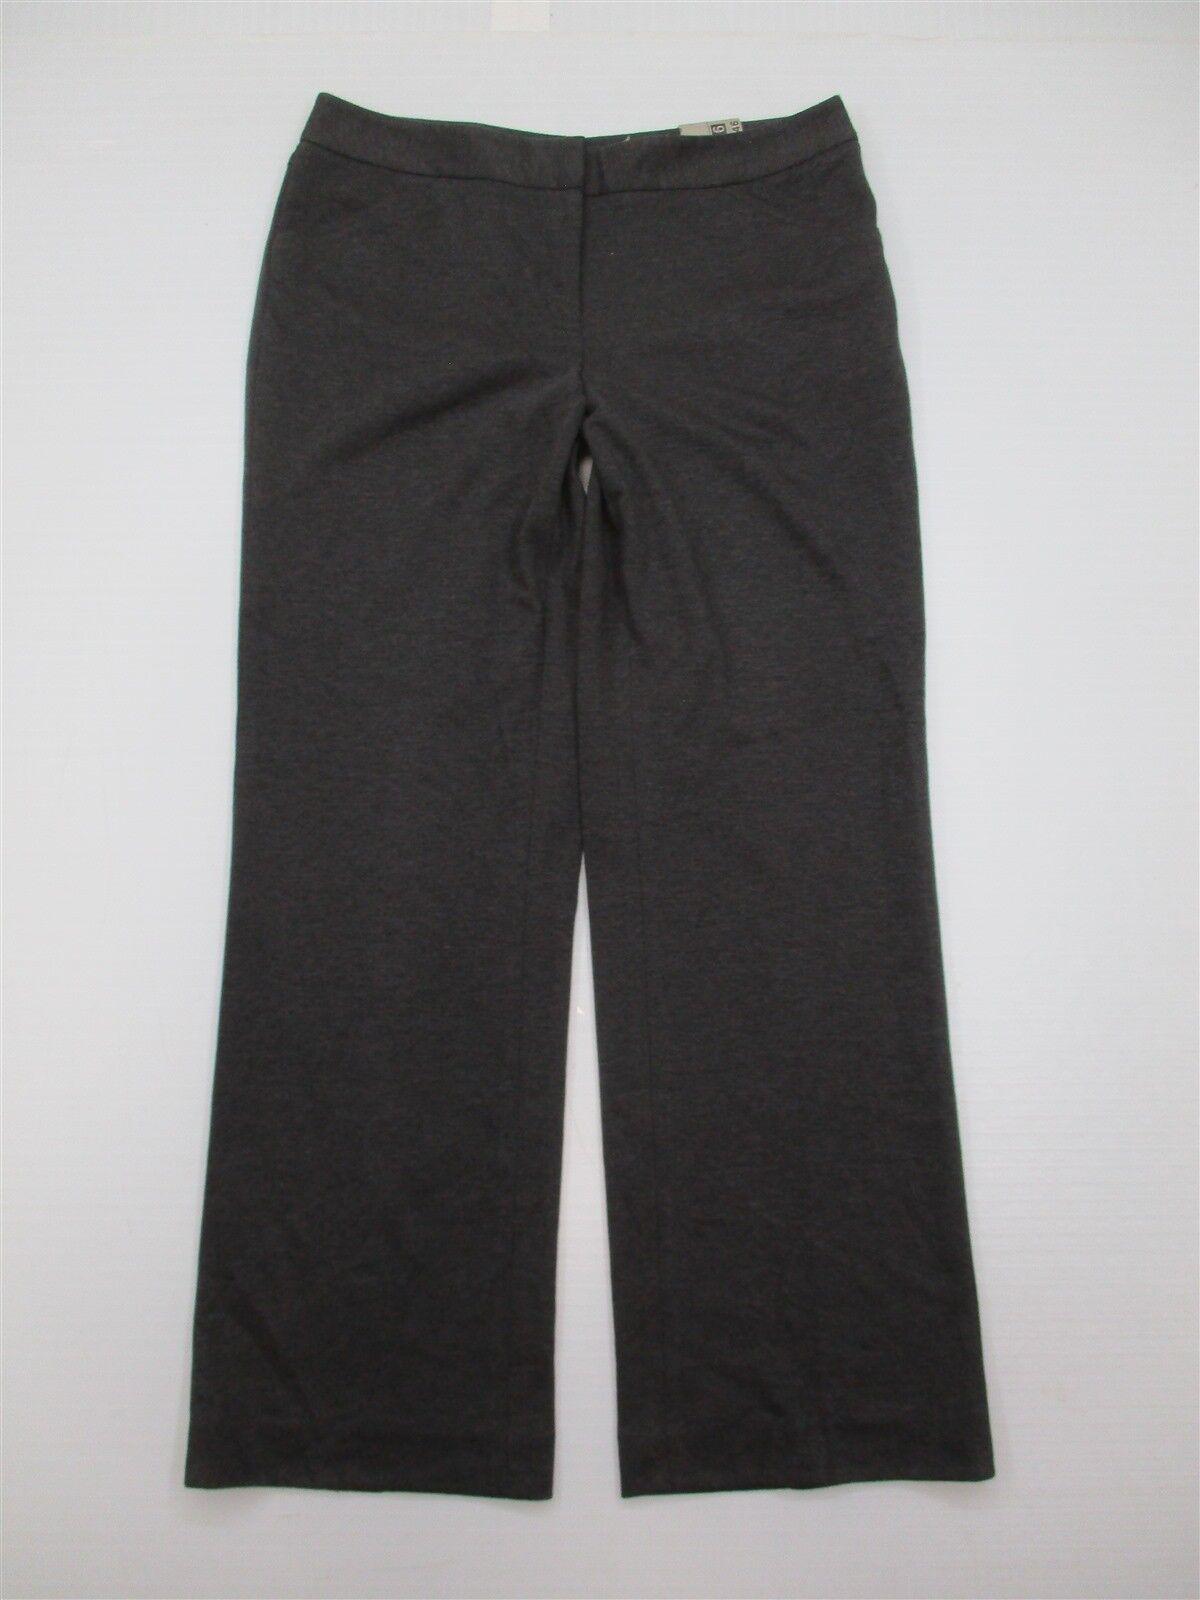 85f868bc41f CALVIN KLEIN Dress Pants Women s Size 10 Ponte Knit Charcoal Gray ...